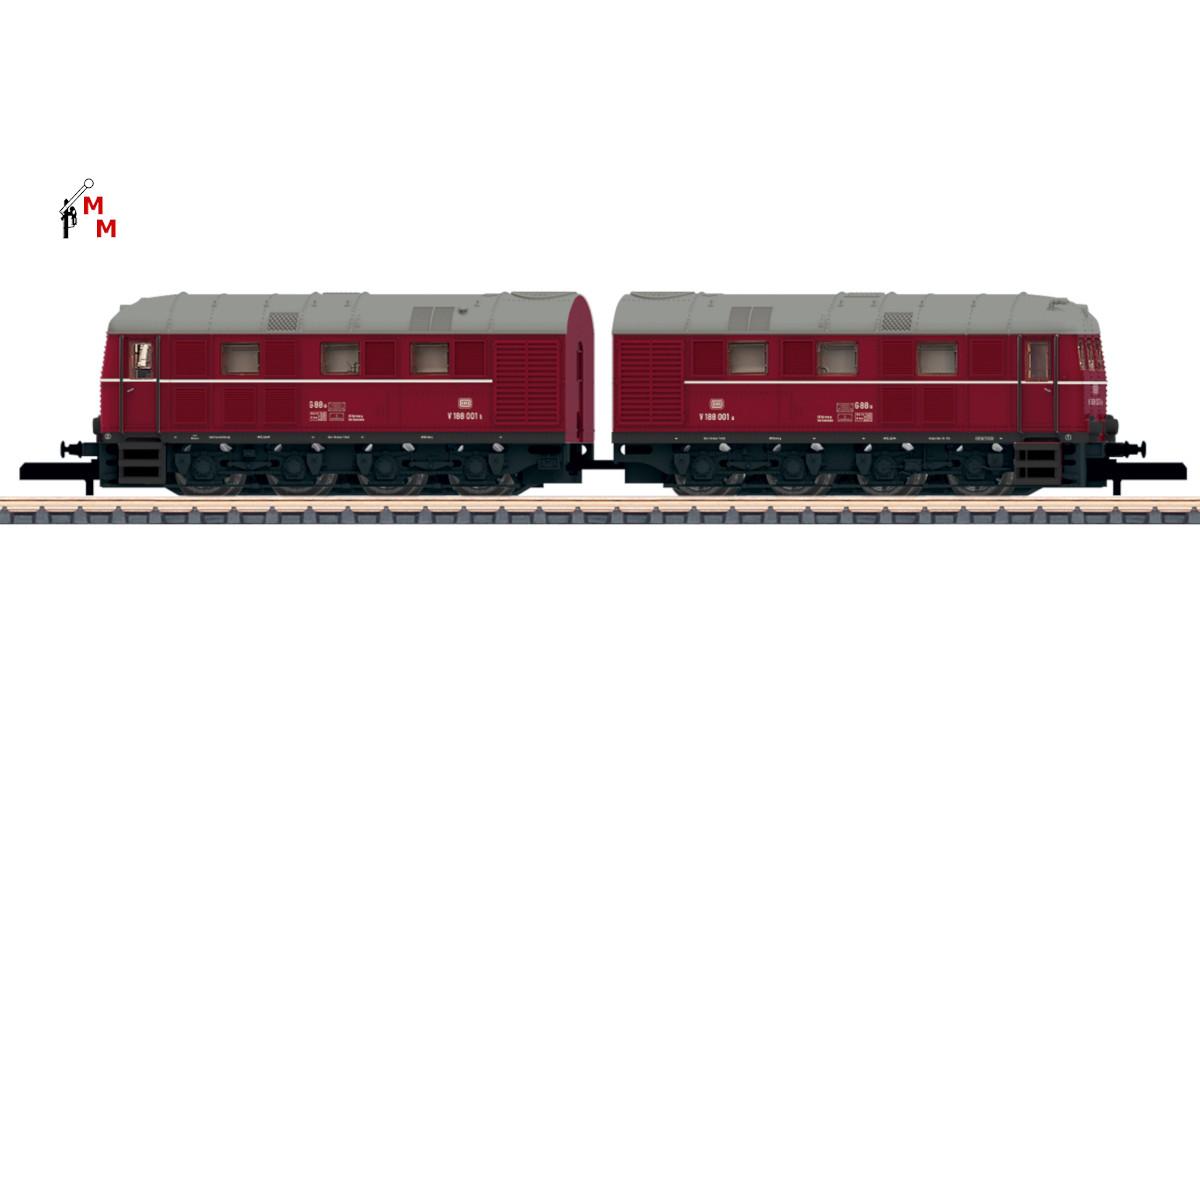 (Neu) Märklin Spur Z 88150 Doppel-Diesellok V 188 der DB,  Insider Modell 2021,